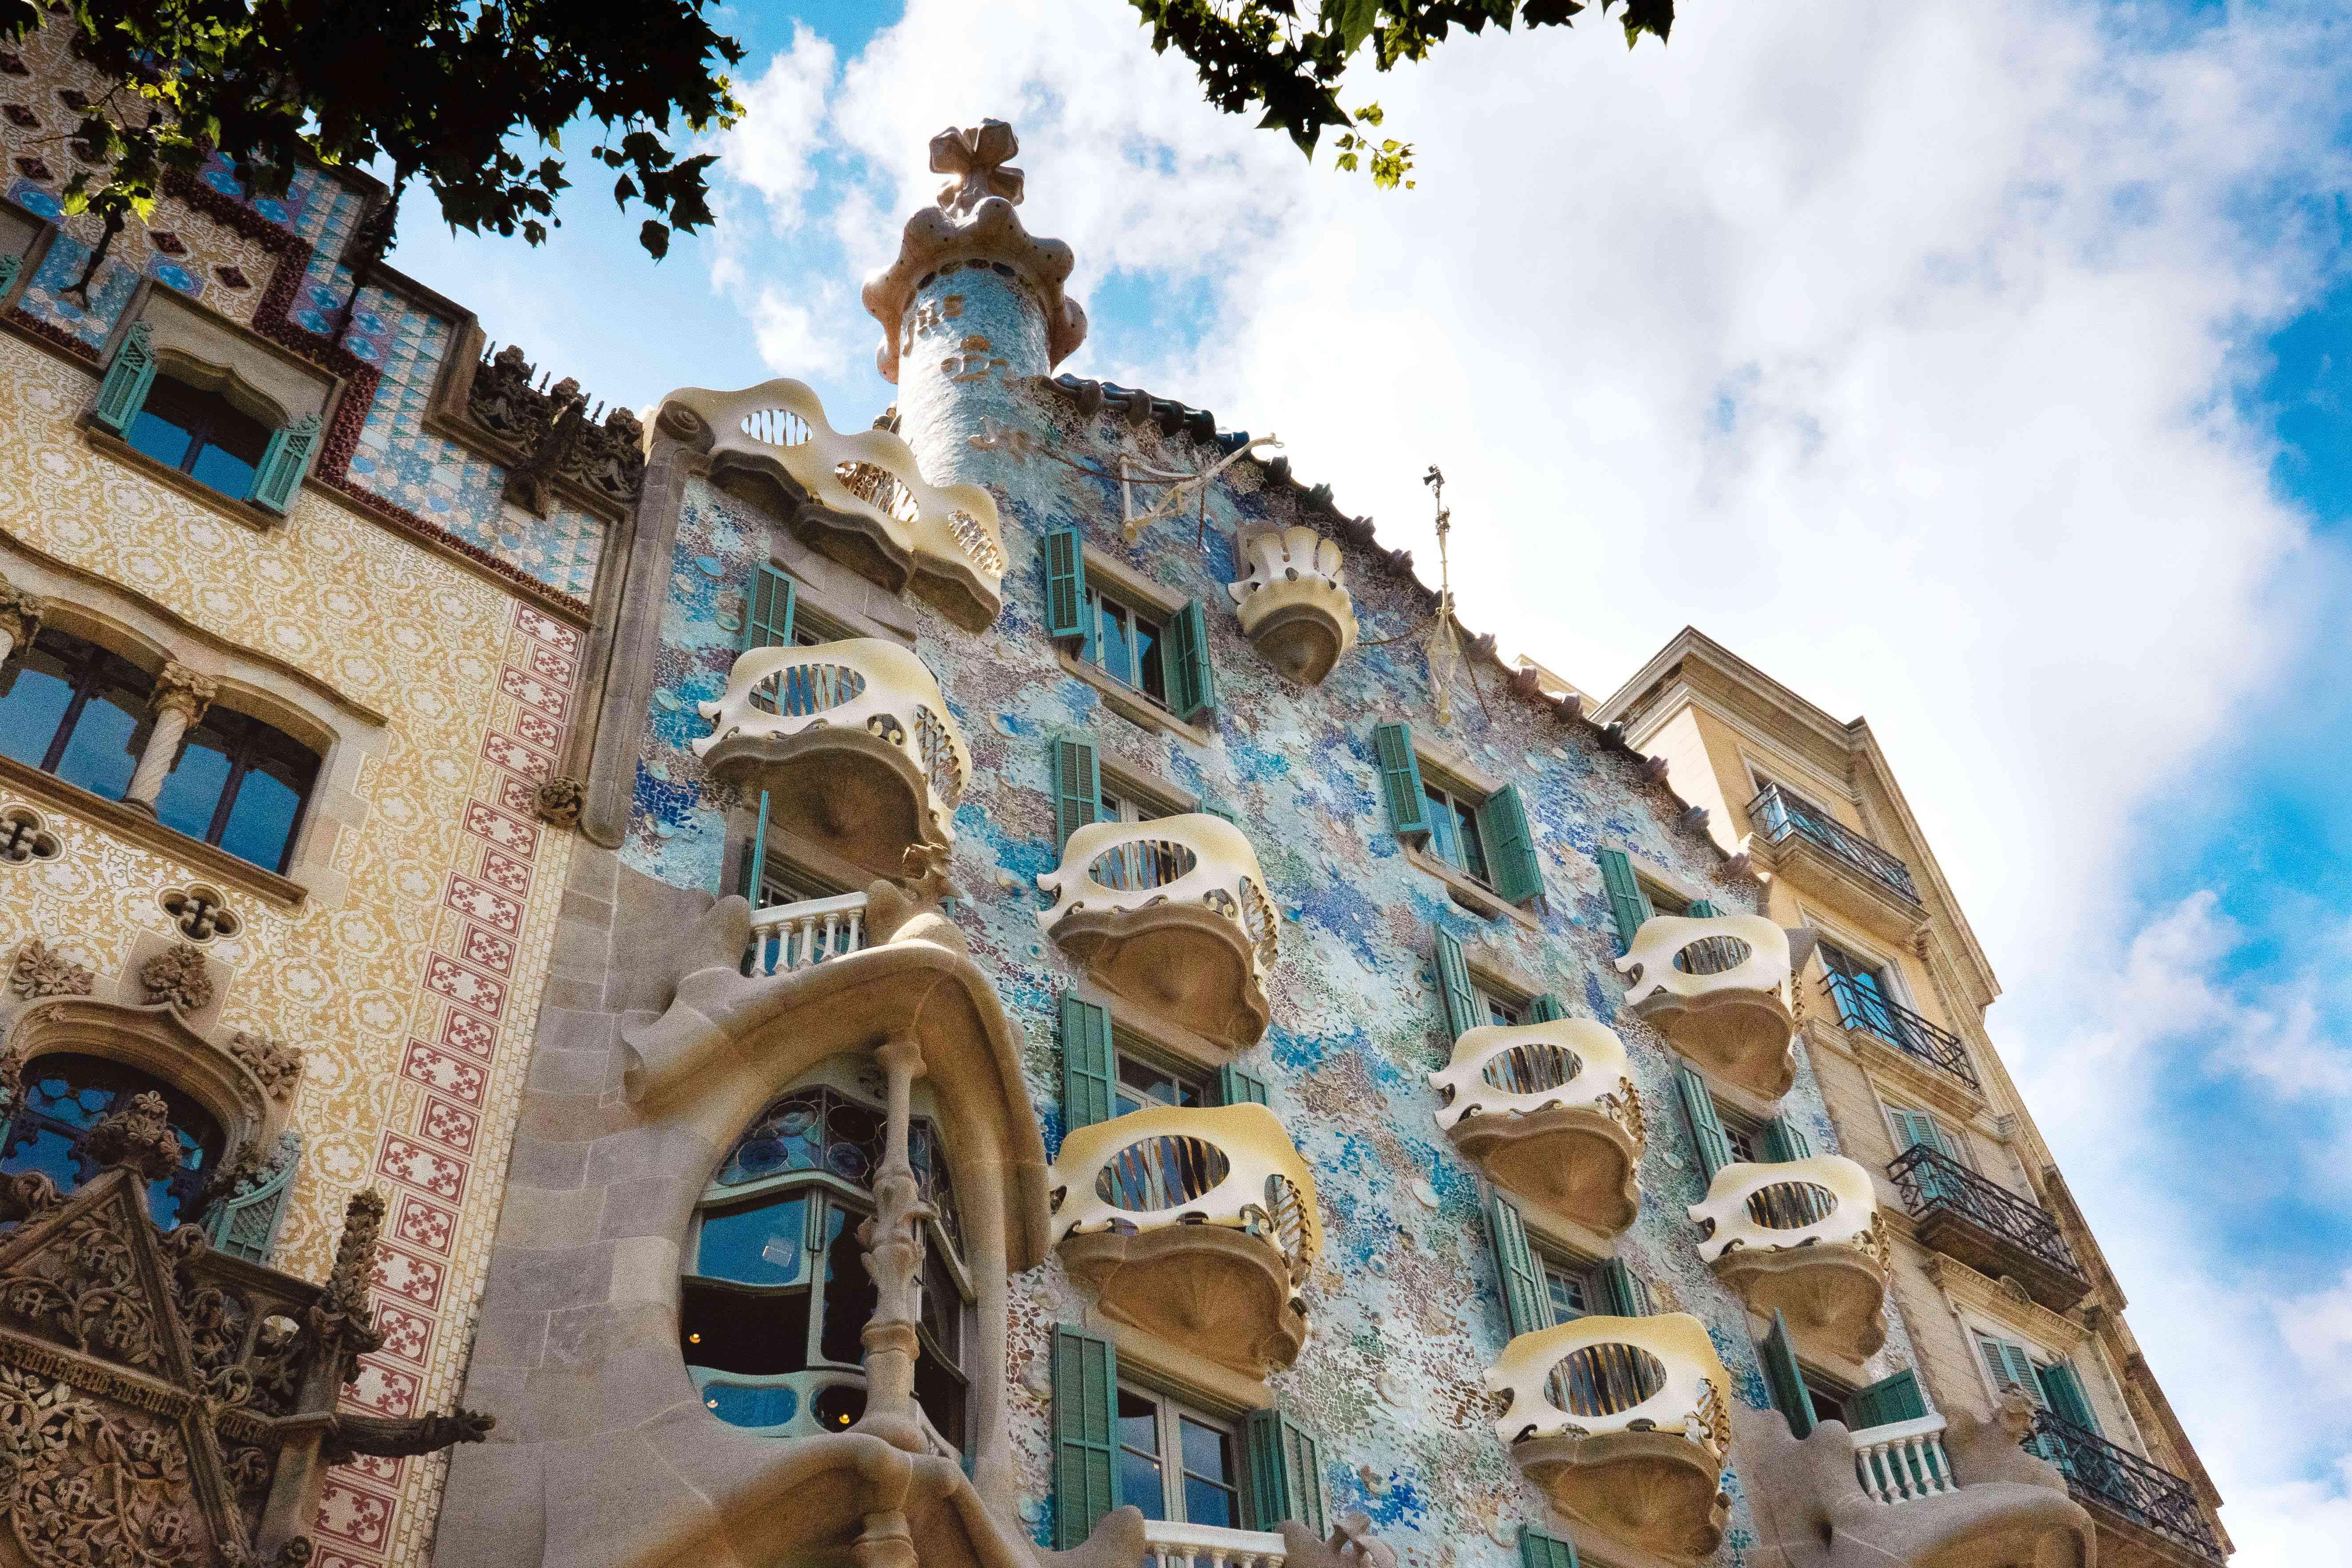 The glittery exterior of Casa Batllo